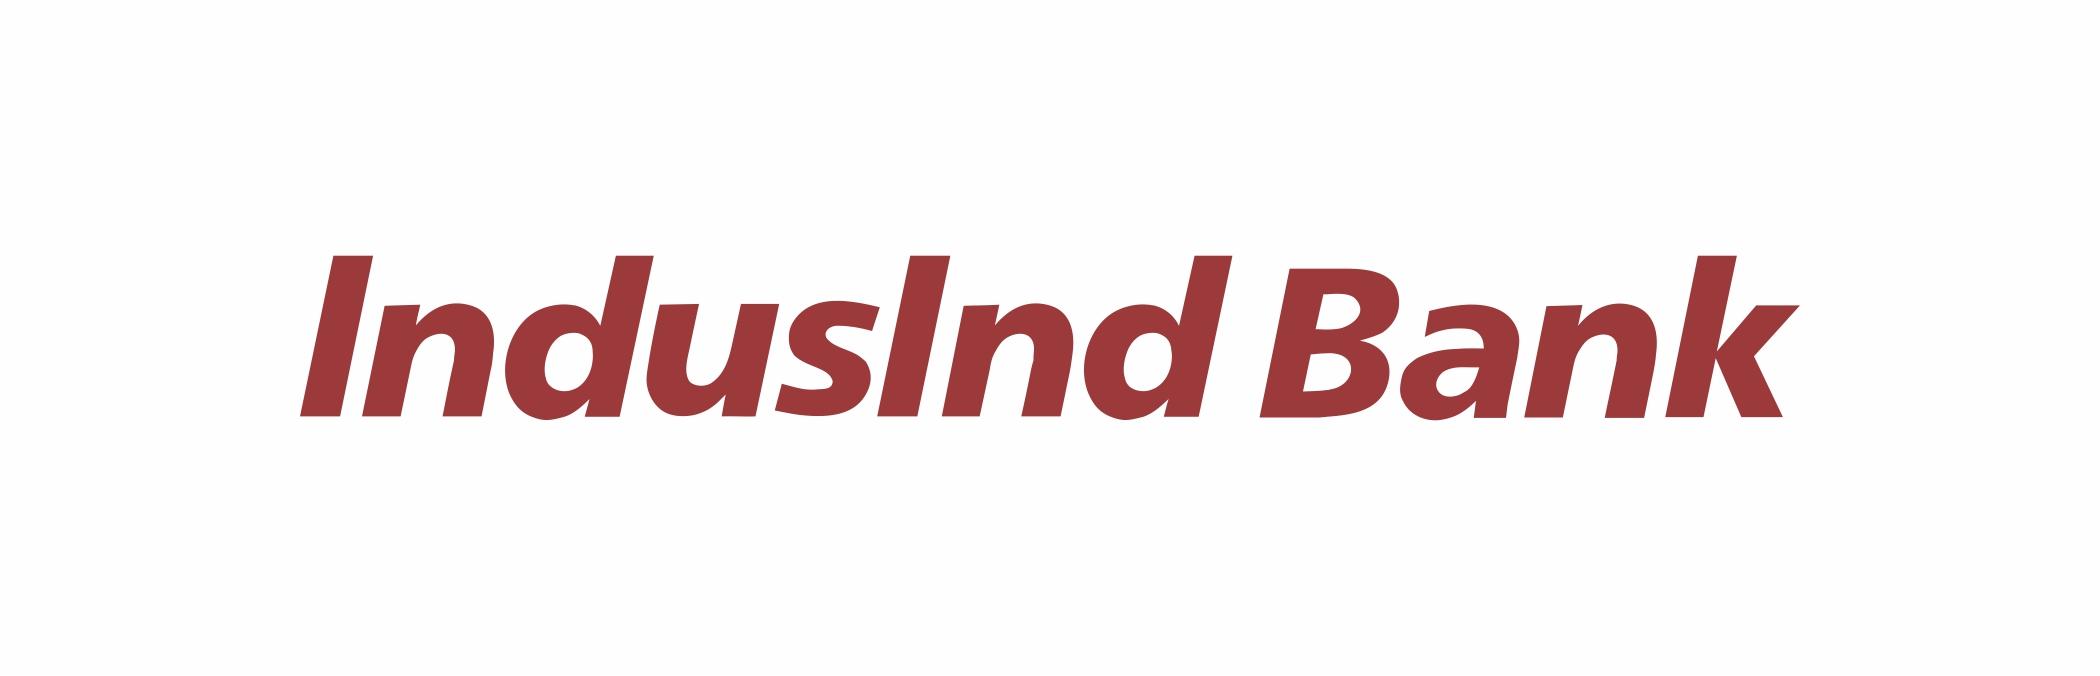 IndusInd Bank,SHASTRI BRIDGE CHOWK,JABALPUR